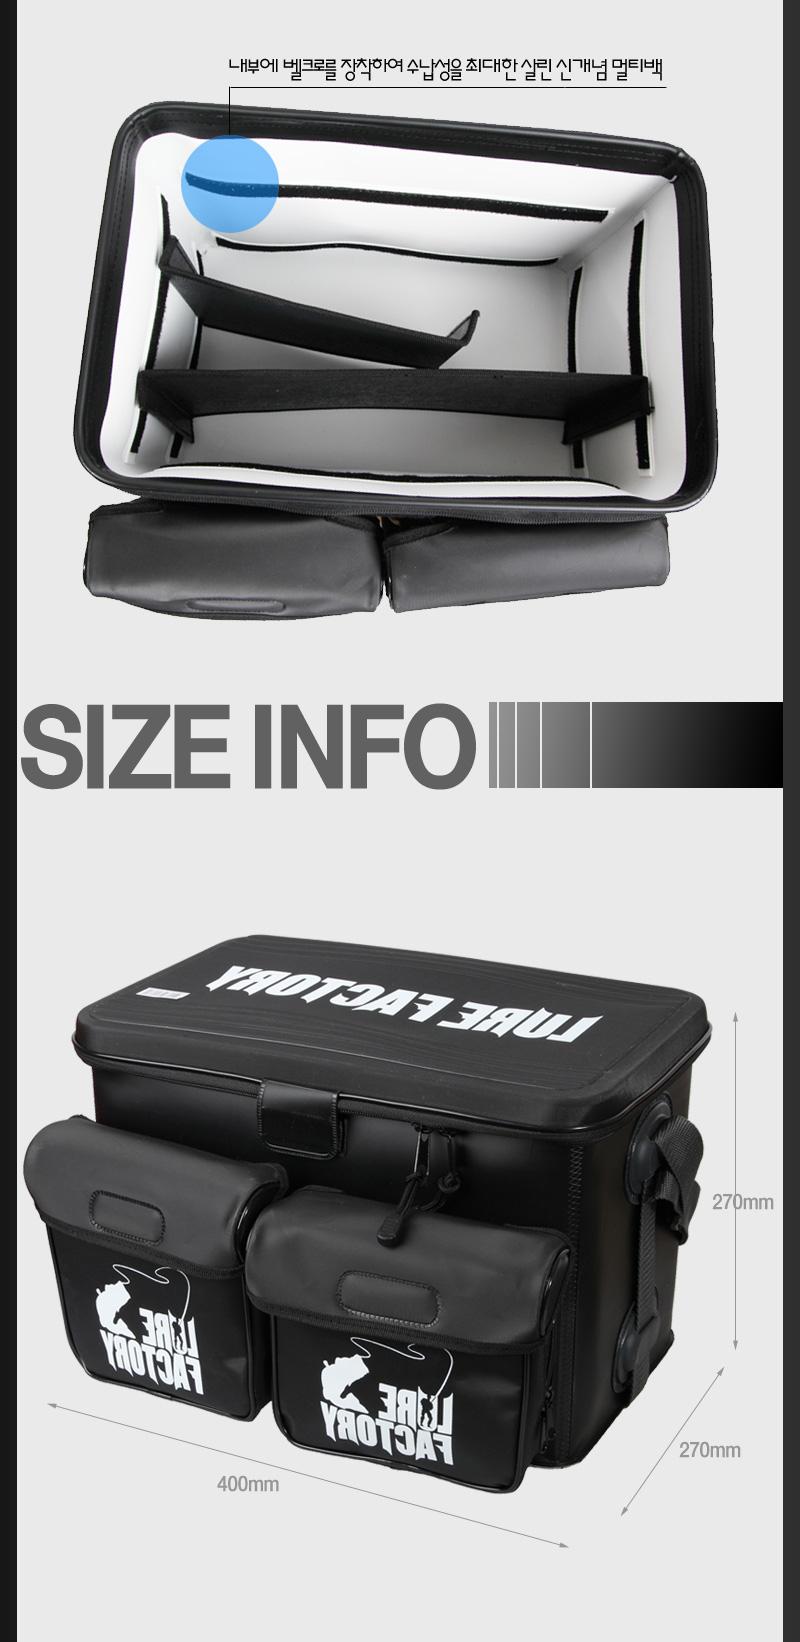 루어팩토리 지깅가방 LF-101J 탄력성이 좋은 EVA소재 루어가방 지깅가방 백팩 백펙 보조가방 루어보조가방